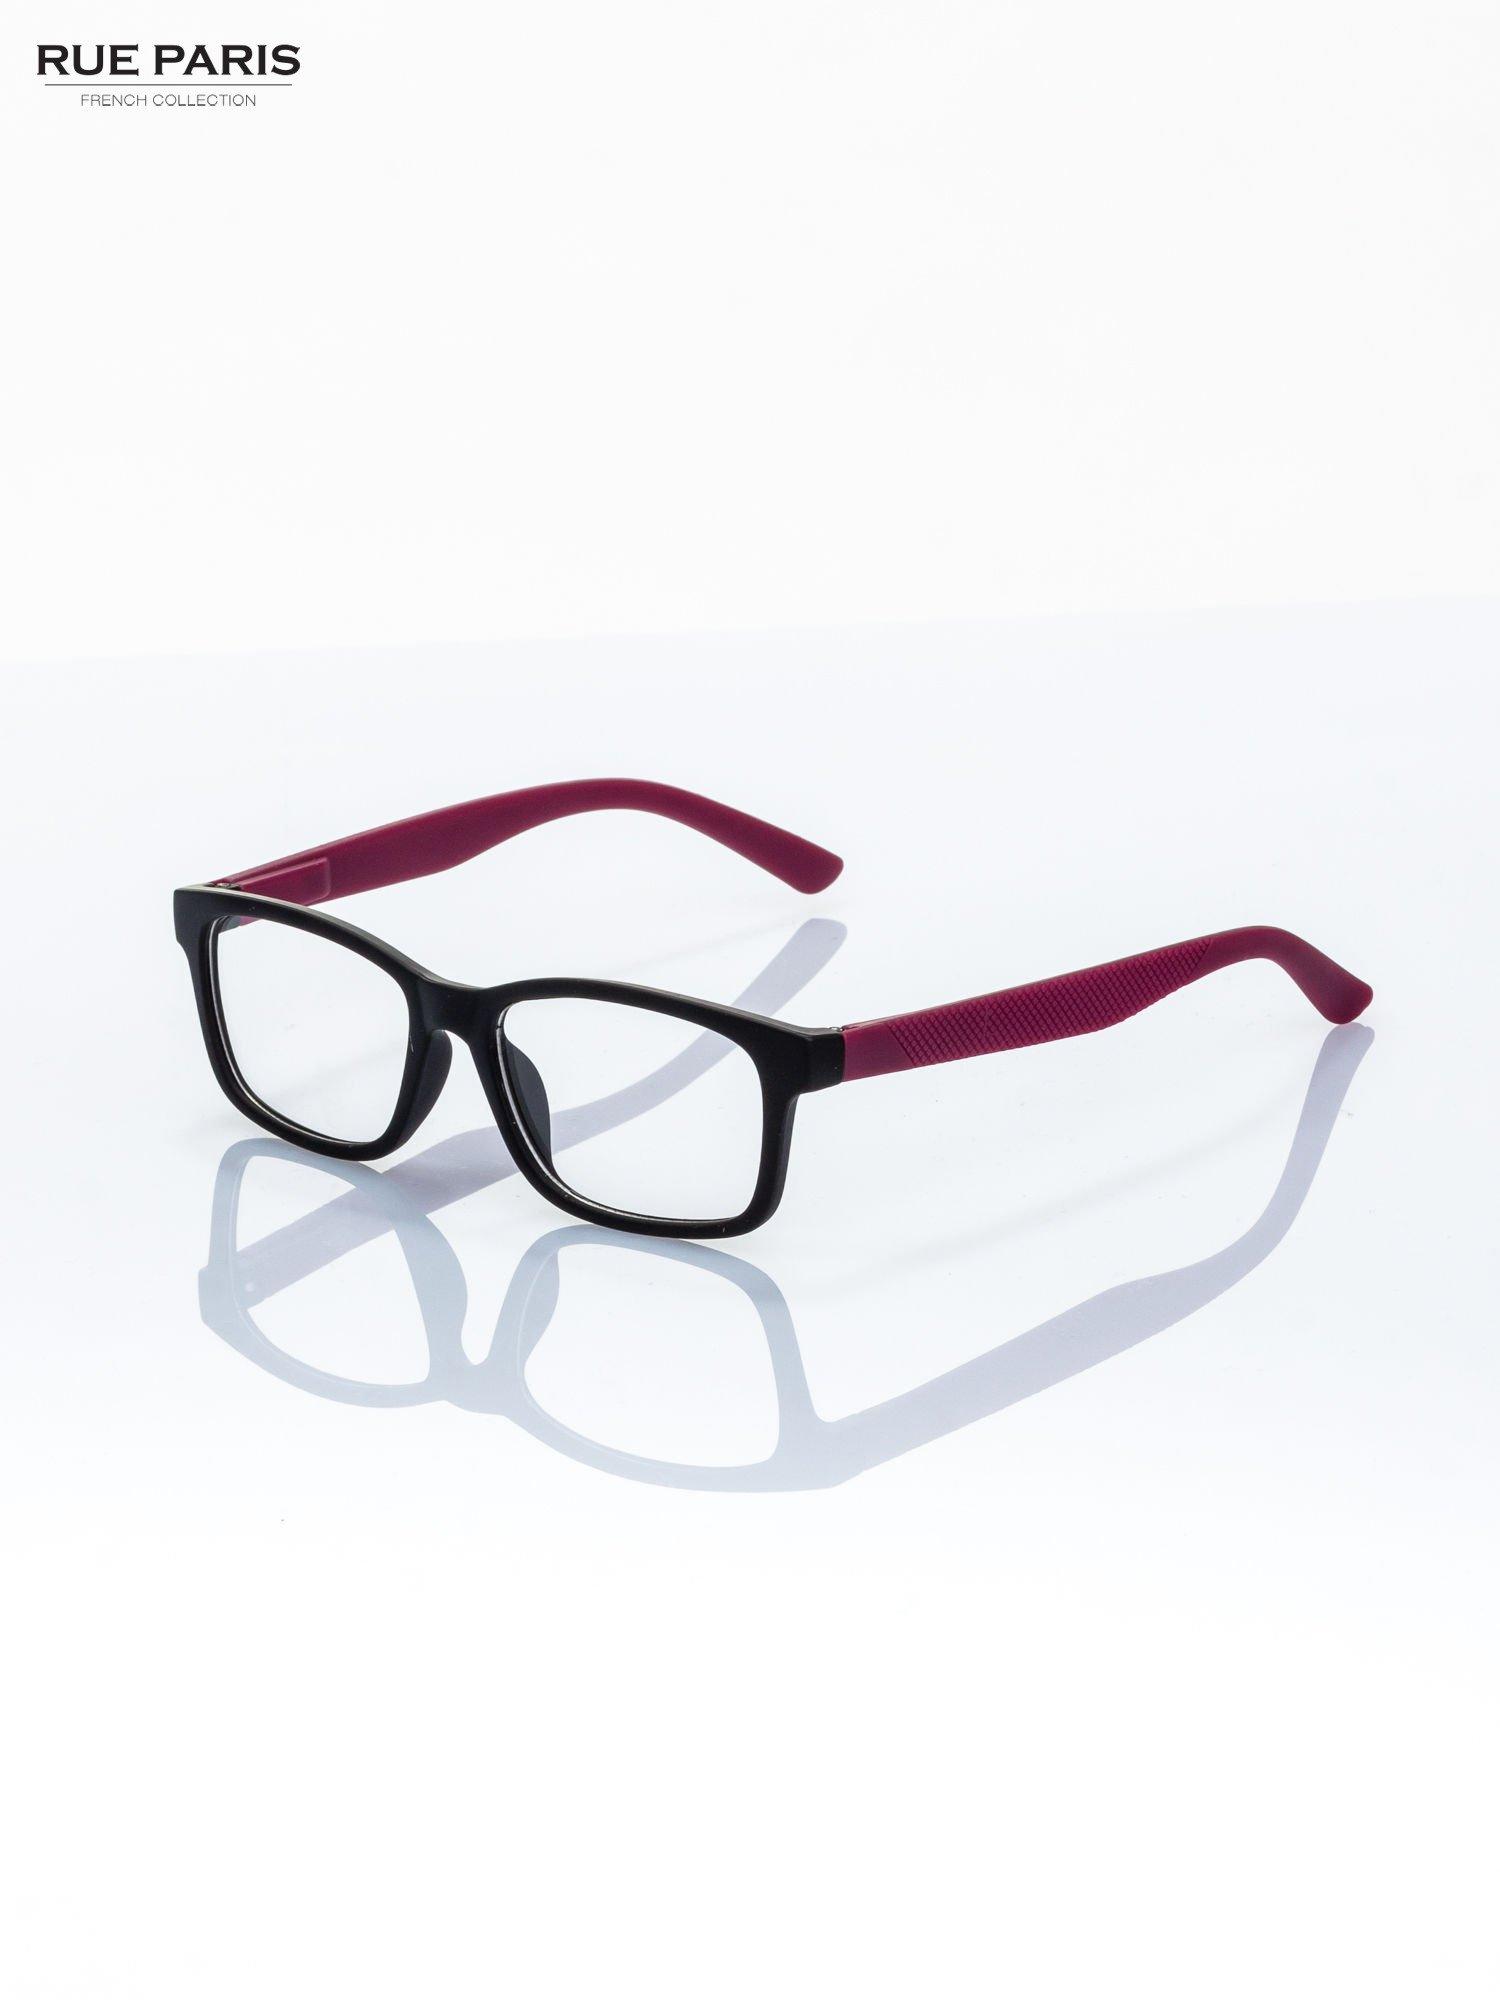 Fioletowo-czarne okulary zerówki kujonki typu WAYFARER NERDY matowe                                  zdj.                                  2